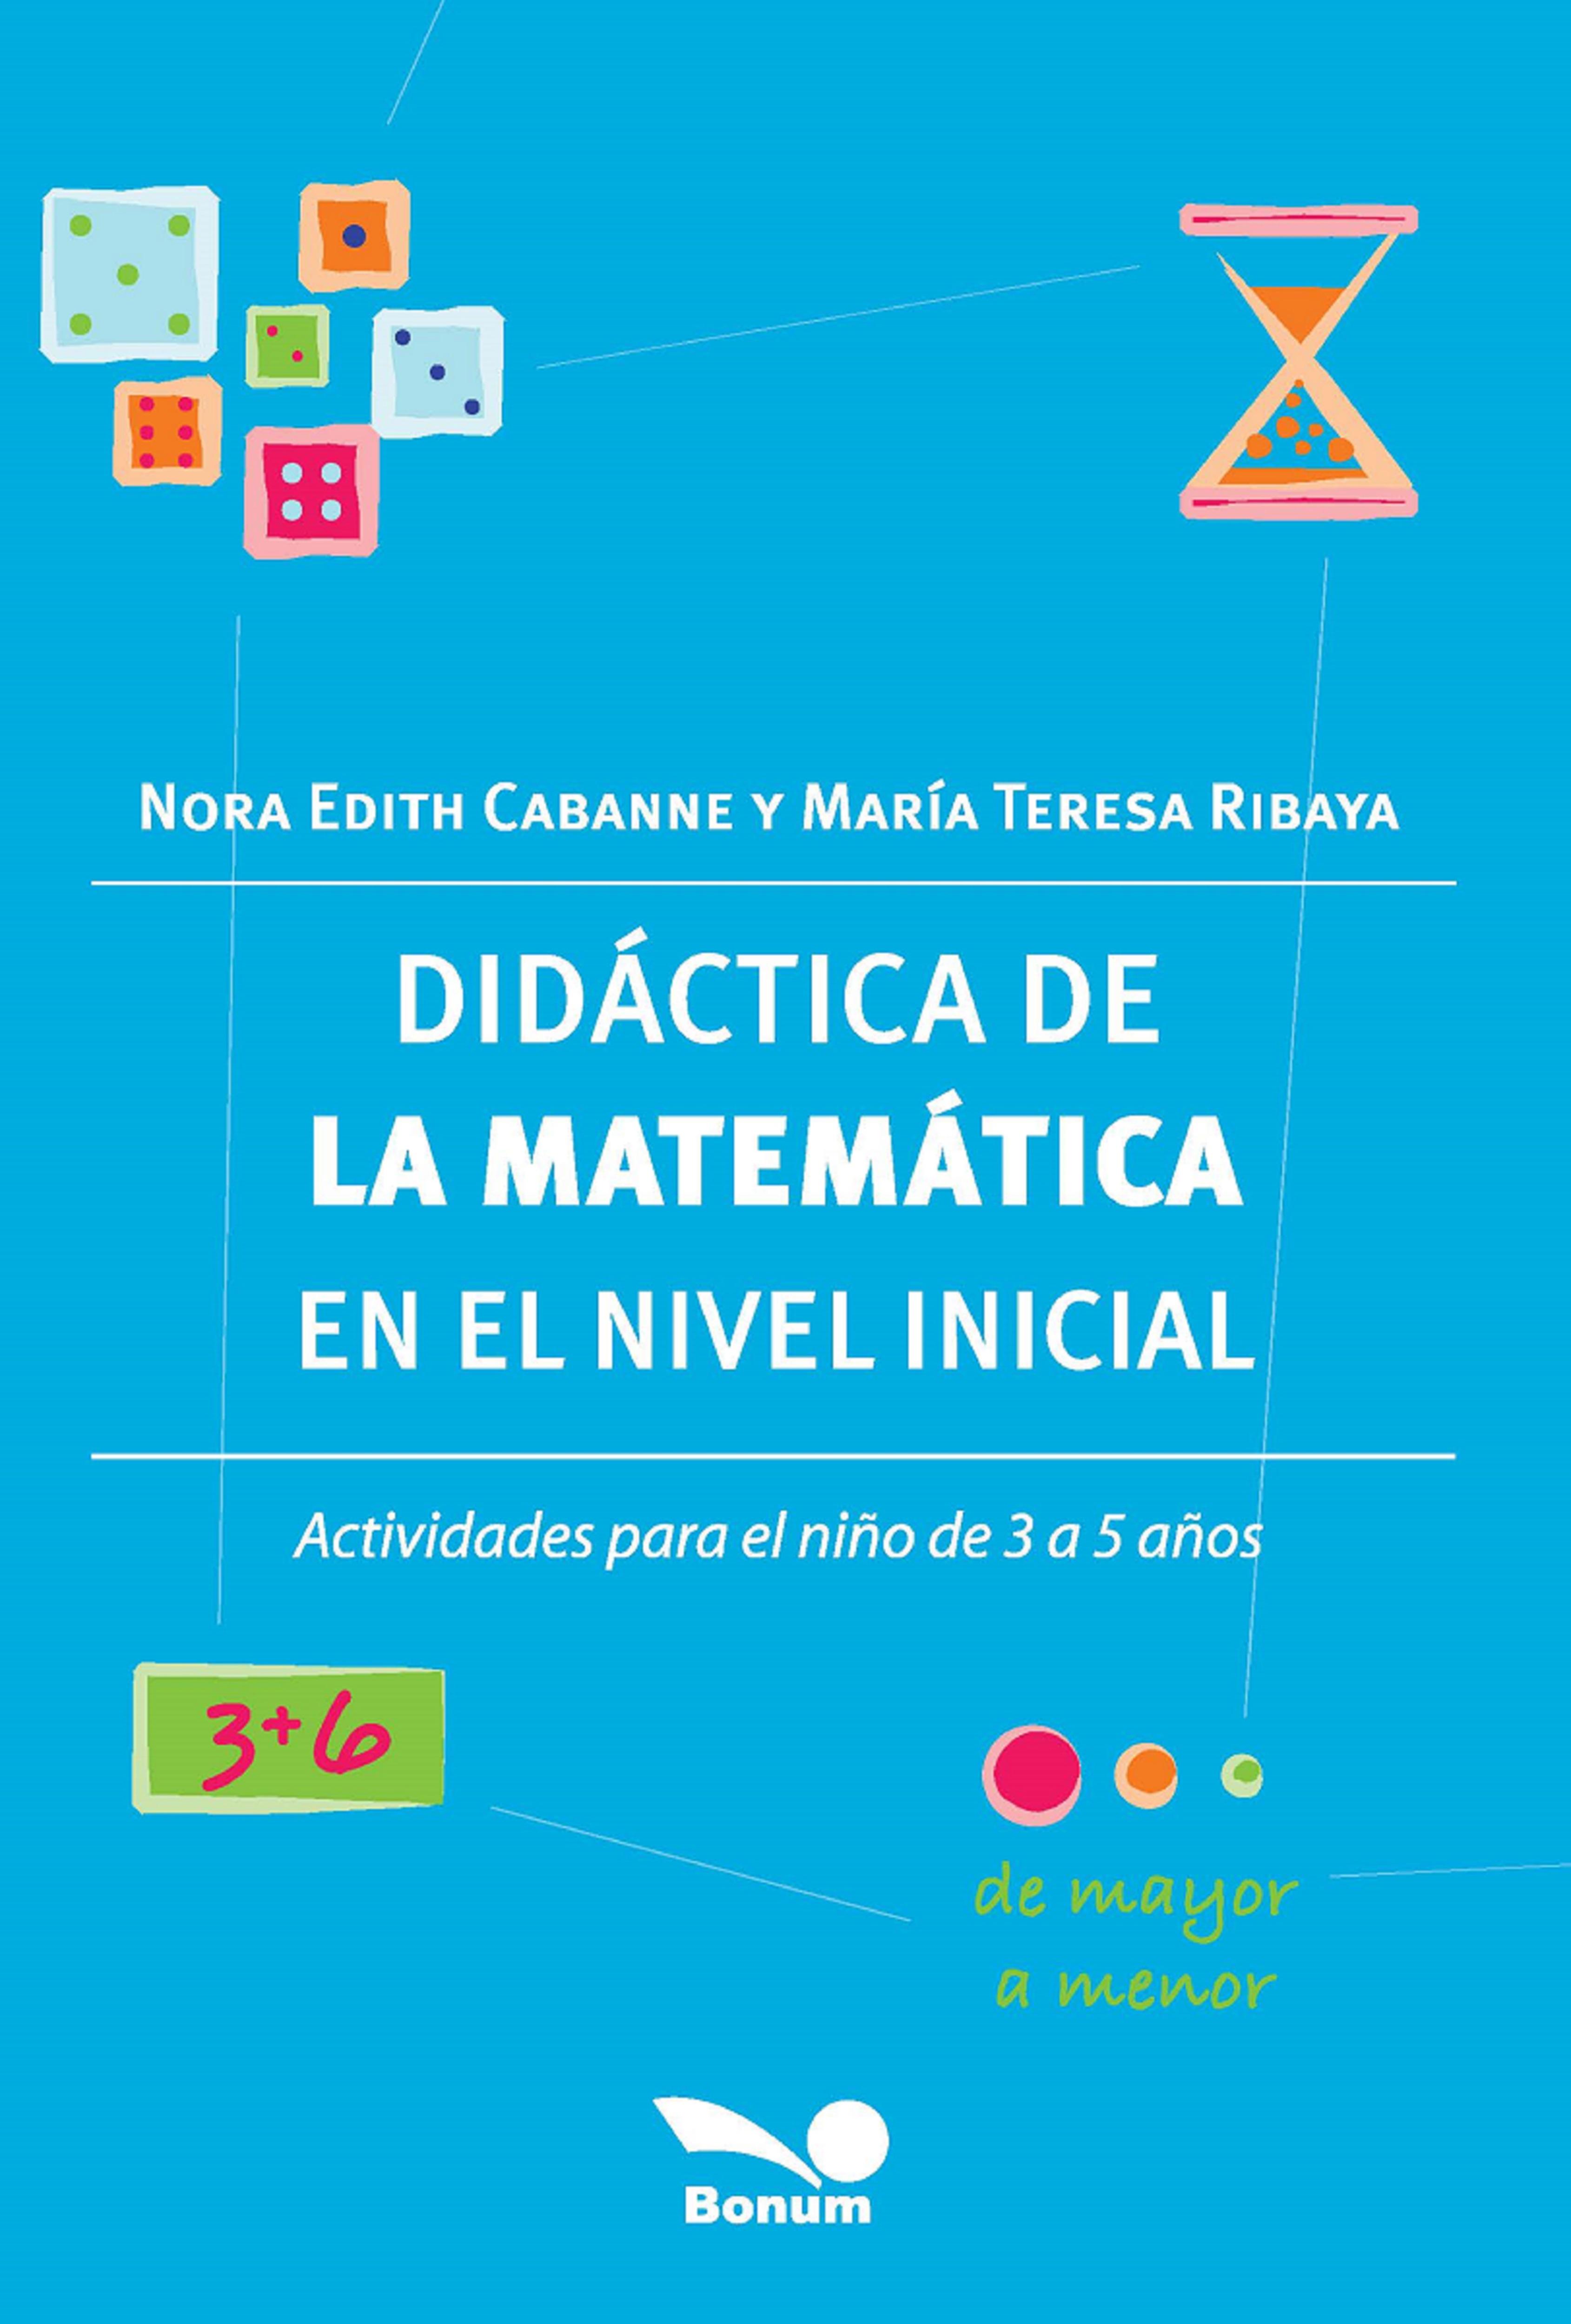 Didáctica de la matemática en el nivel inicial (Nuevo)